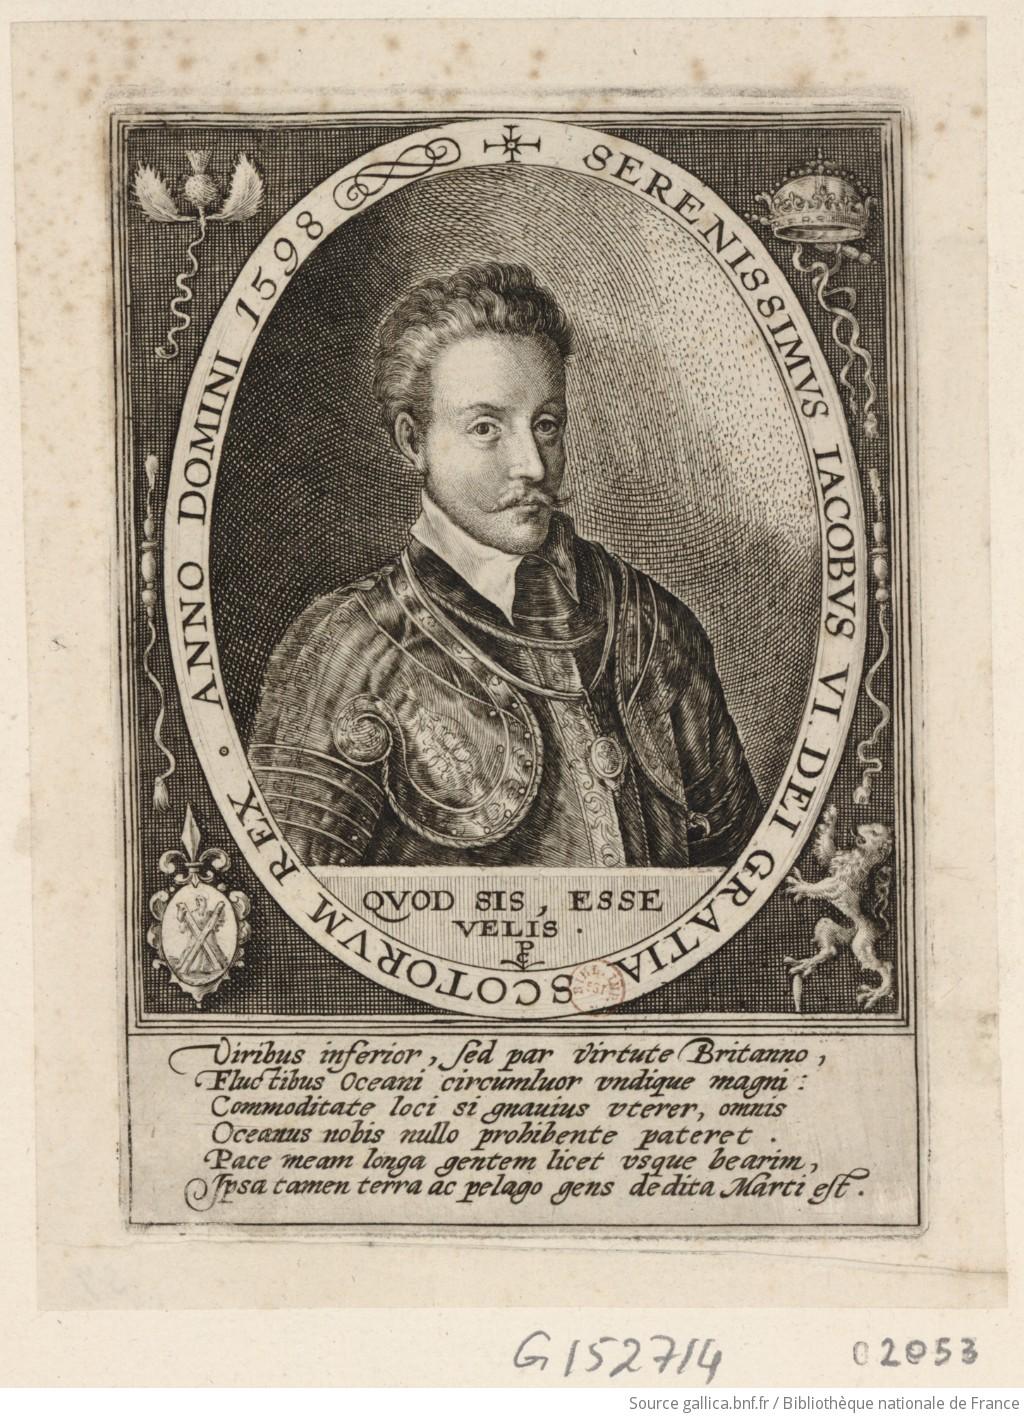 James VI Stuart roi d'Angleterre (1603)